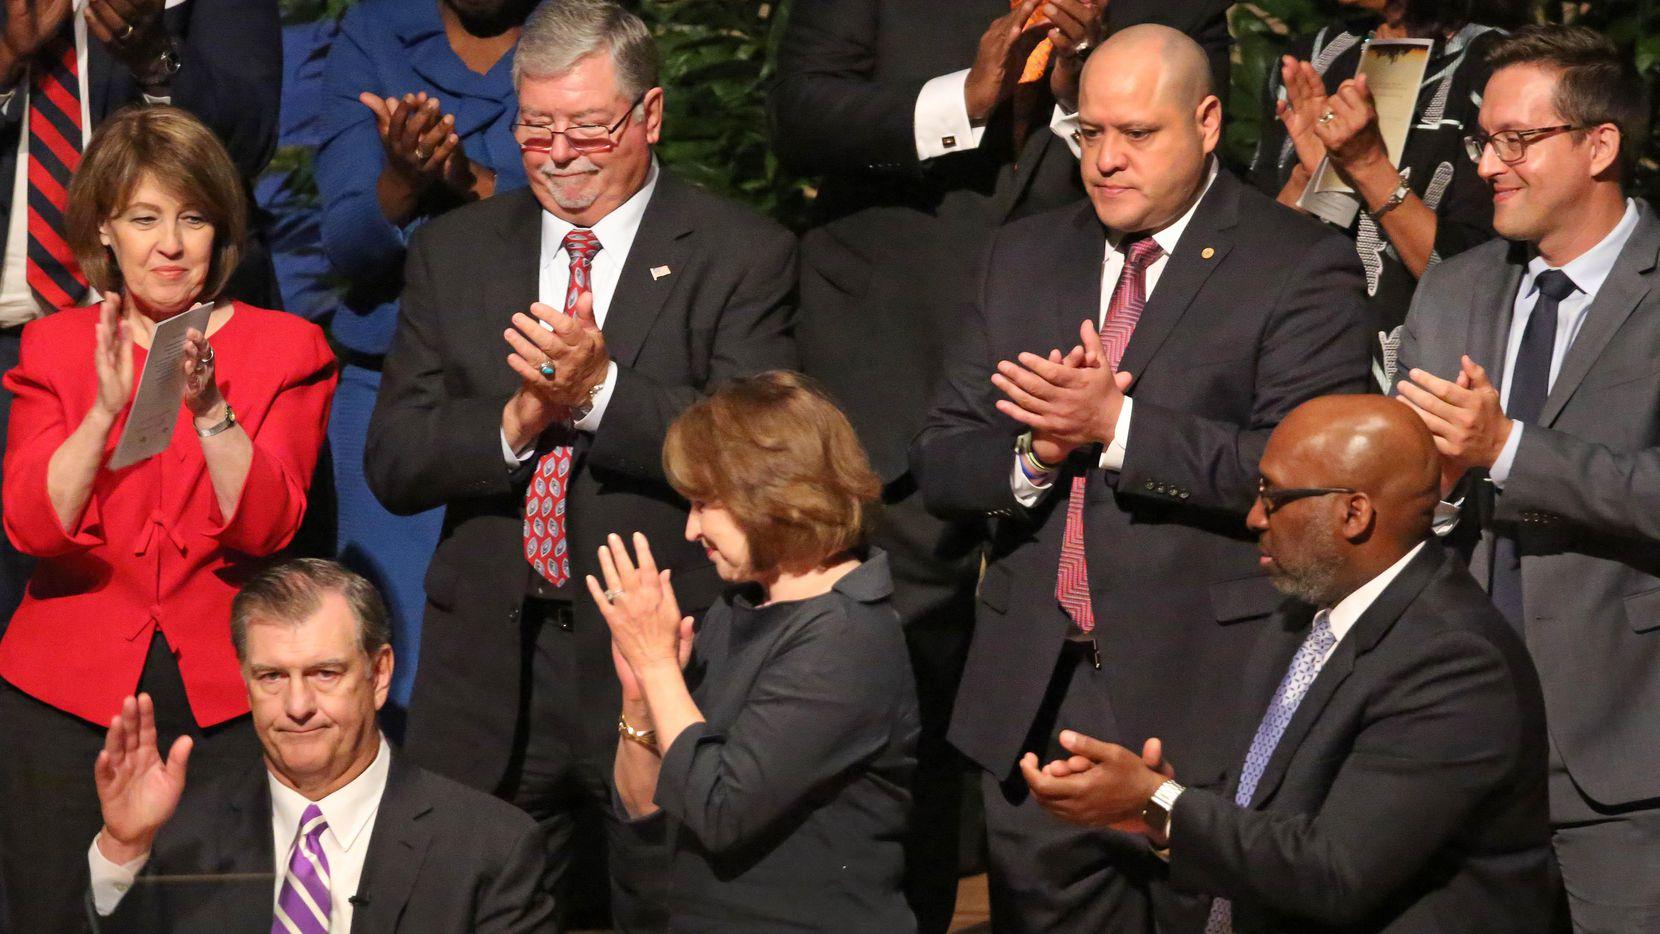 El Concejo ovaciona al alcalde Mike Rawlings durante su juramentación en 2017. Los conejales recibieron contribuciones por $78,000 de gente ligada a una empresa involucrada en un escándalo con la fenecida Dallas County Schools. (DMN/LOUIS DeLUCA)